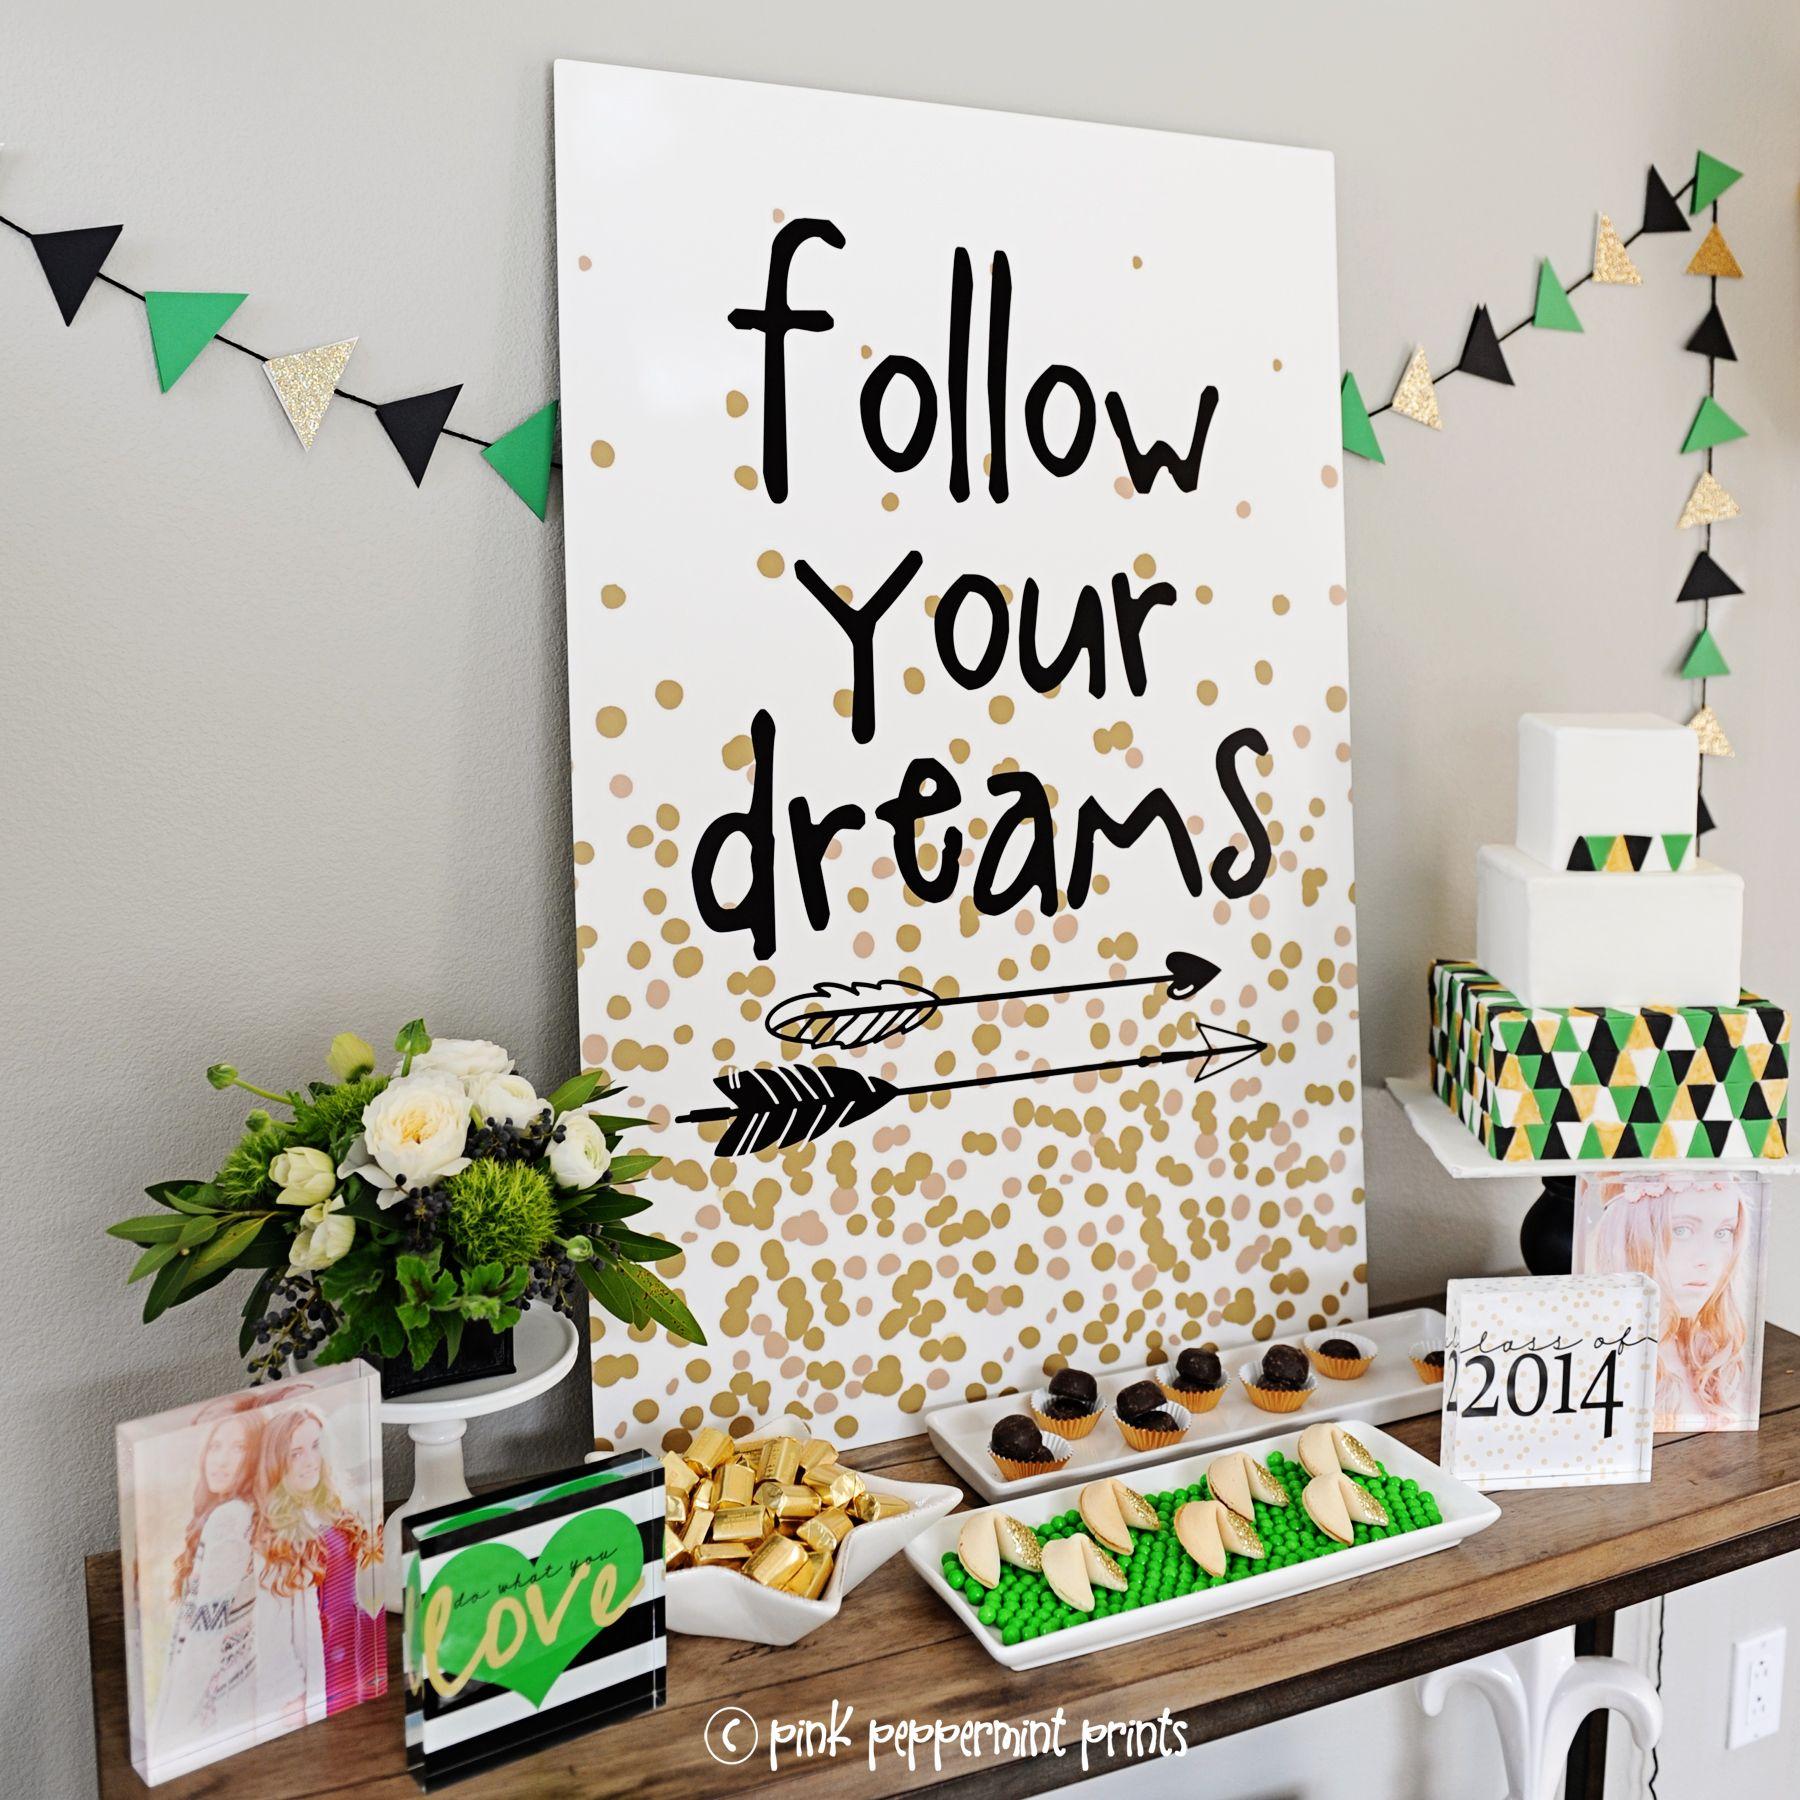 Graduation Party Ideas: Graduation Party Ideas : Follow Your Dreams